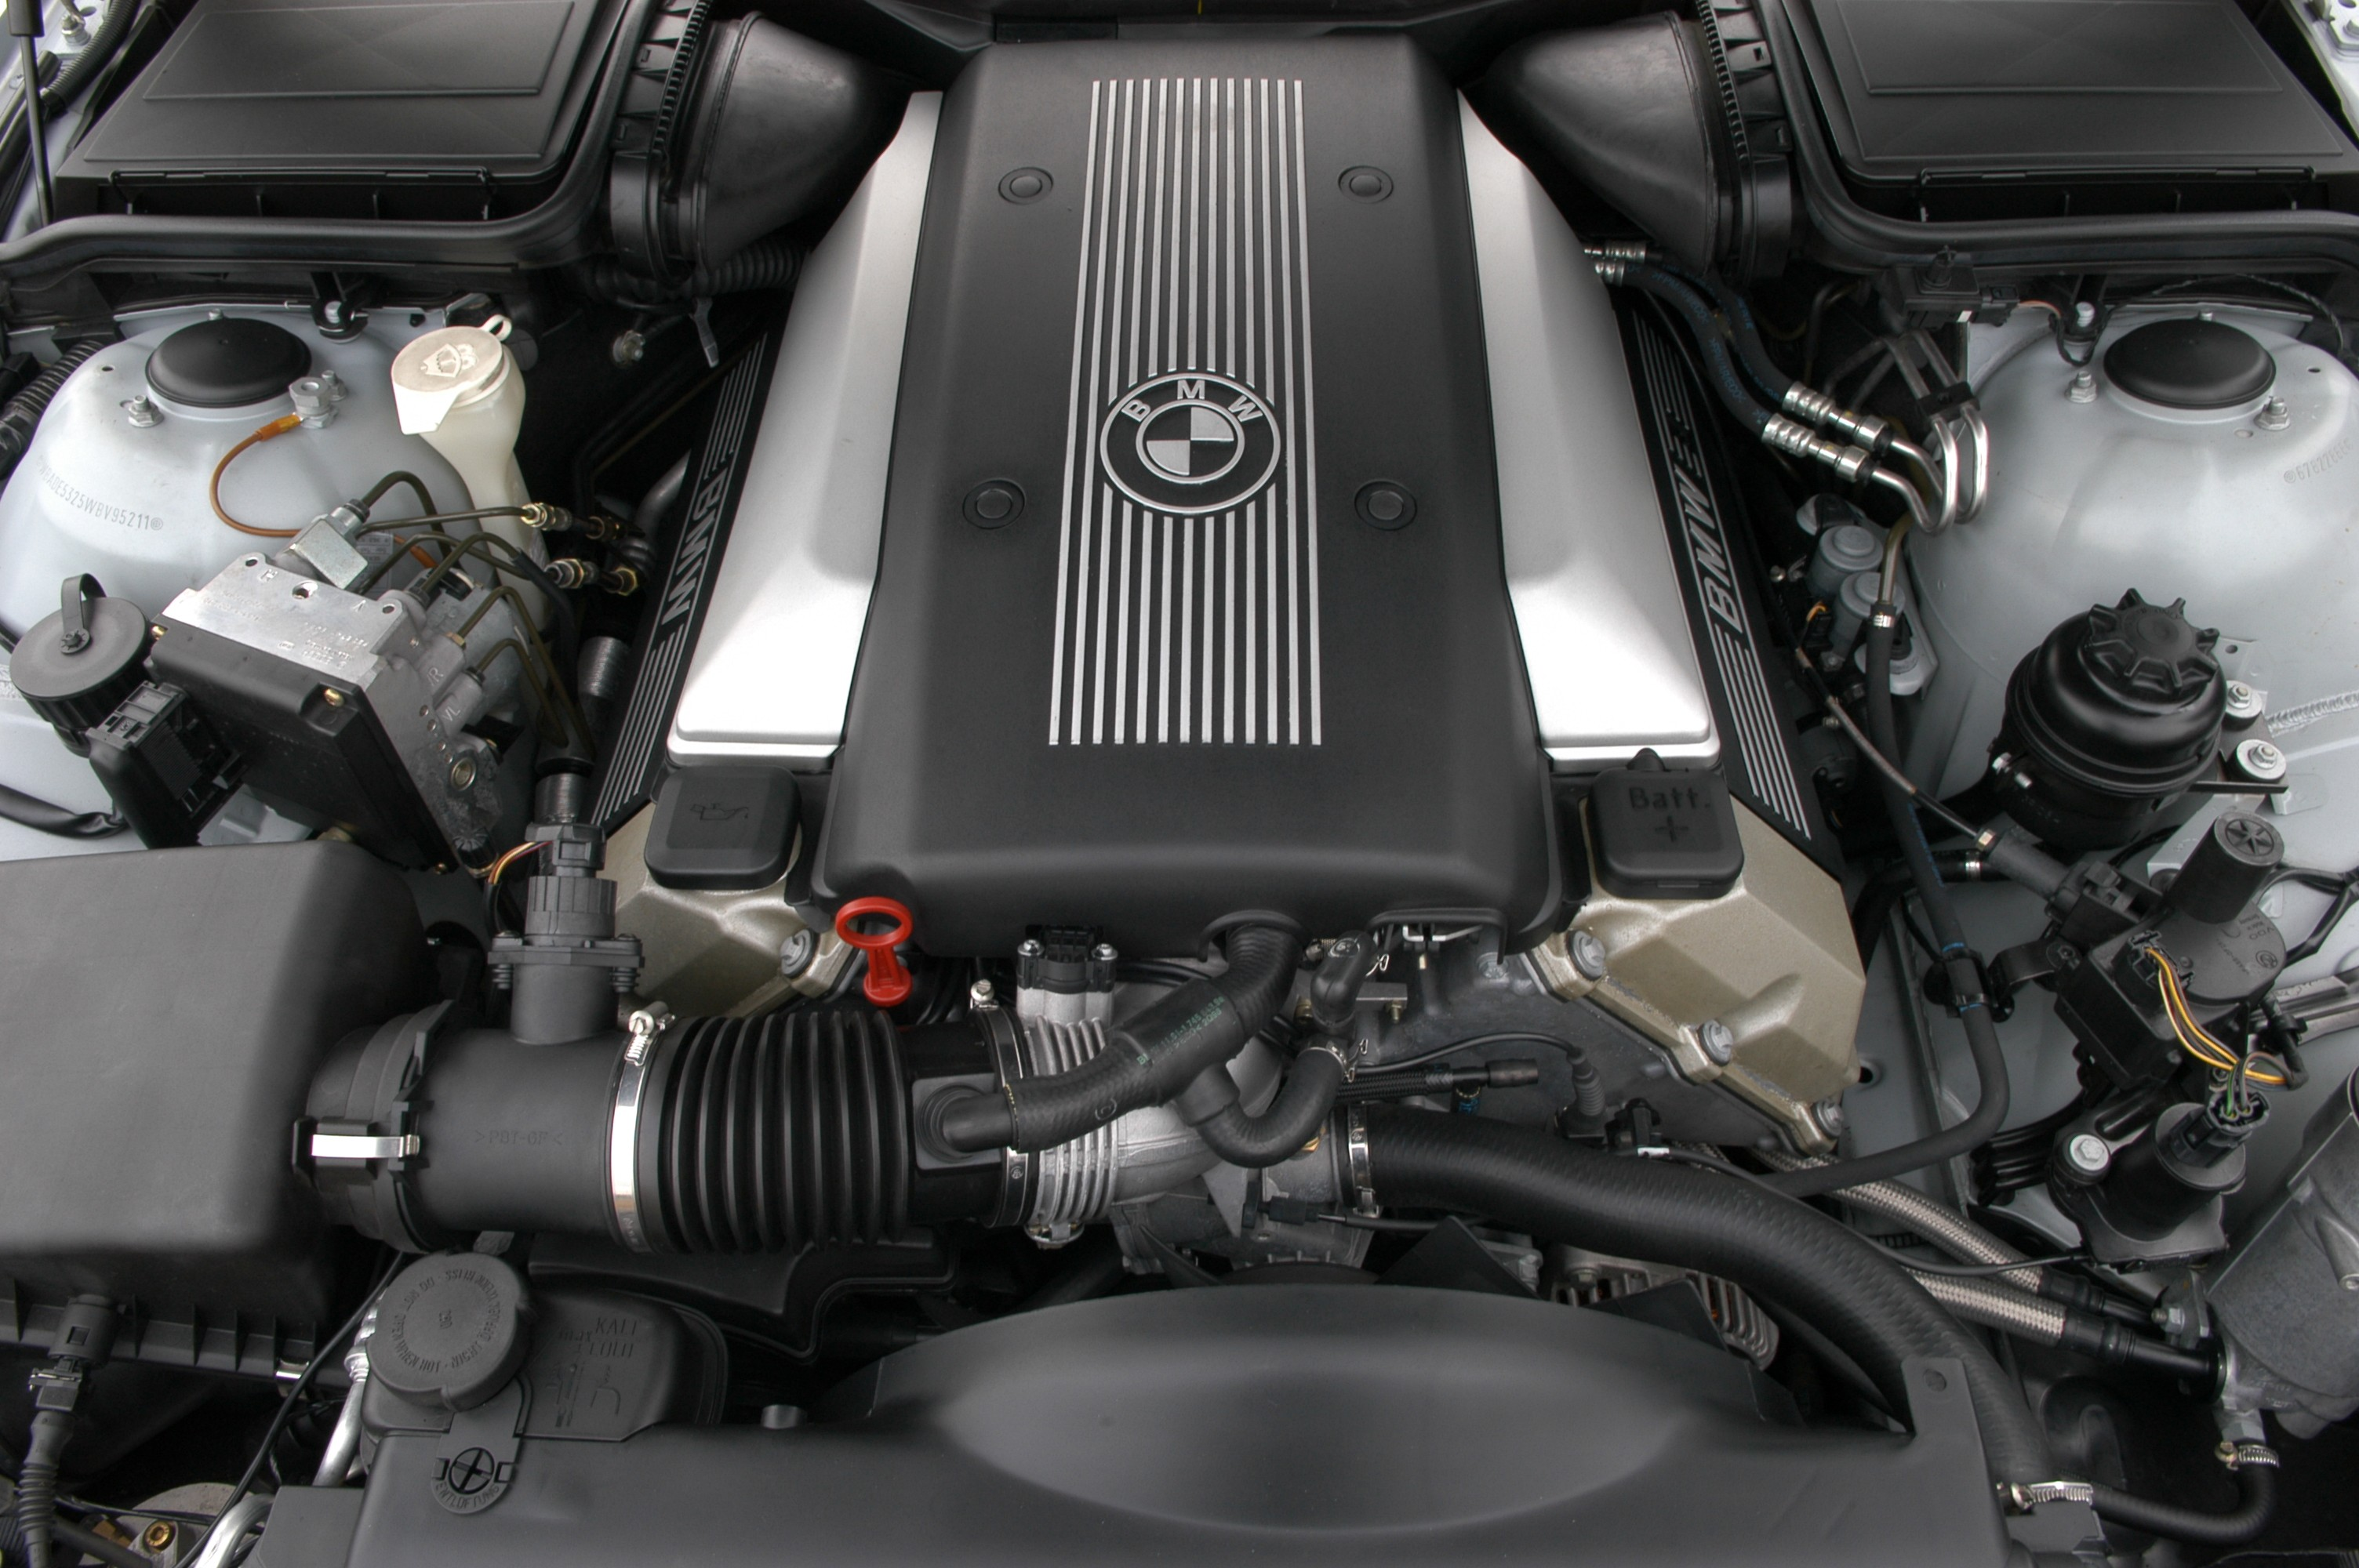 bmw 740il engine diagram diy enthusiasts wiring diagrams u2022 rh okdrywall co 2001 bmw 740il engine diagram